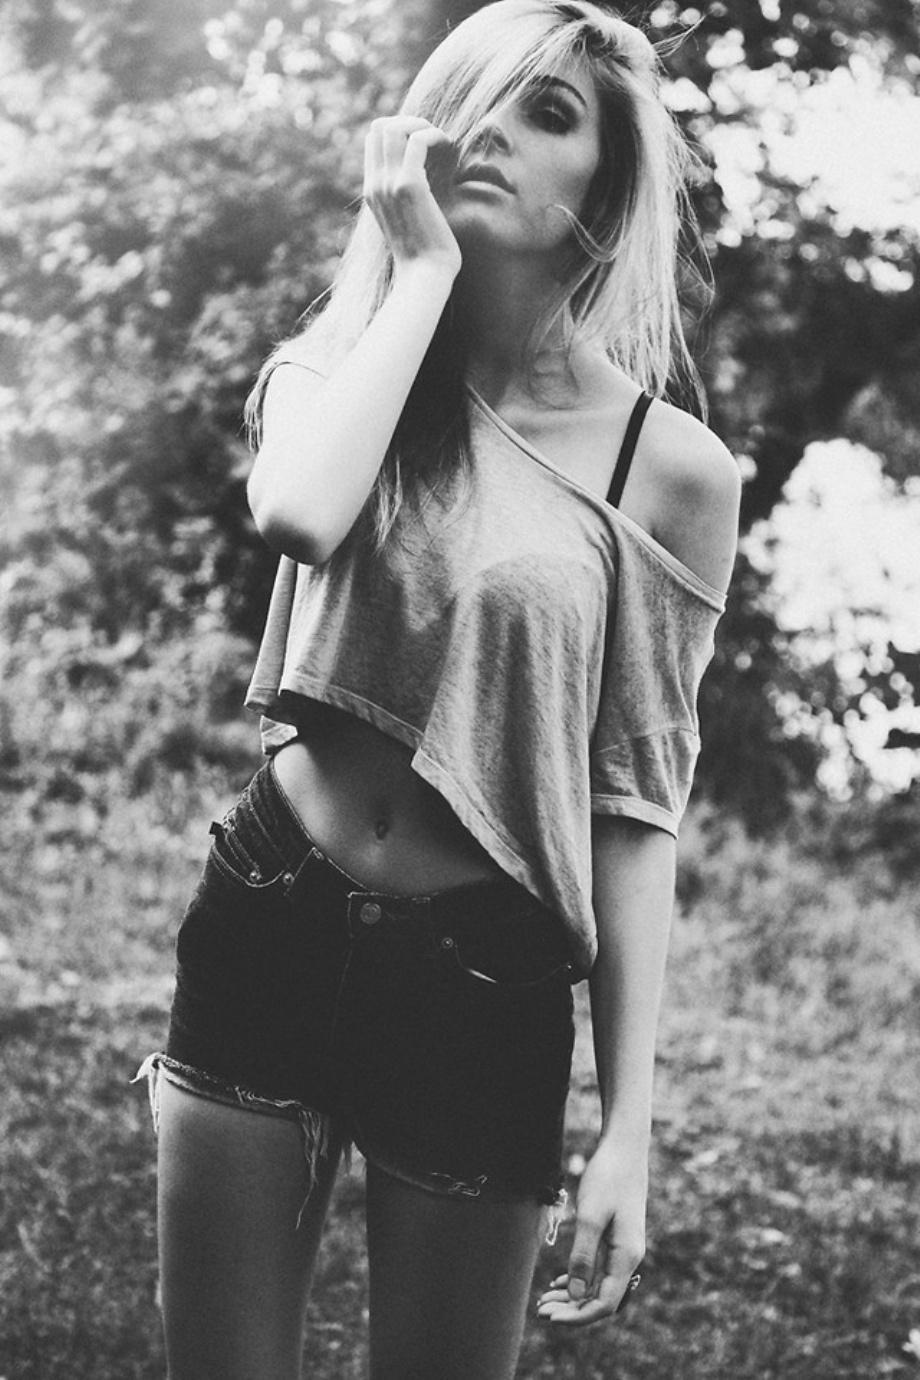 Яндекс фото девушек в джинсах 9 фотография